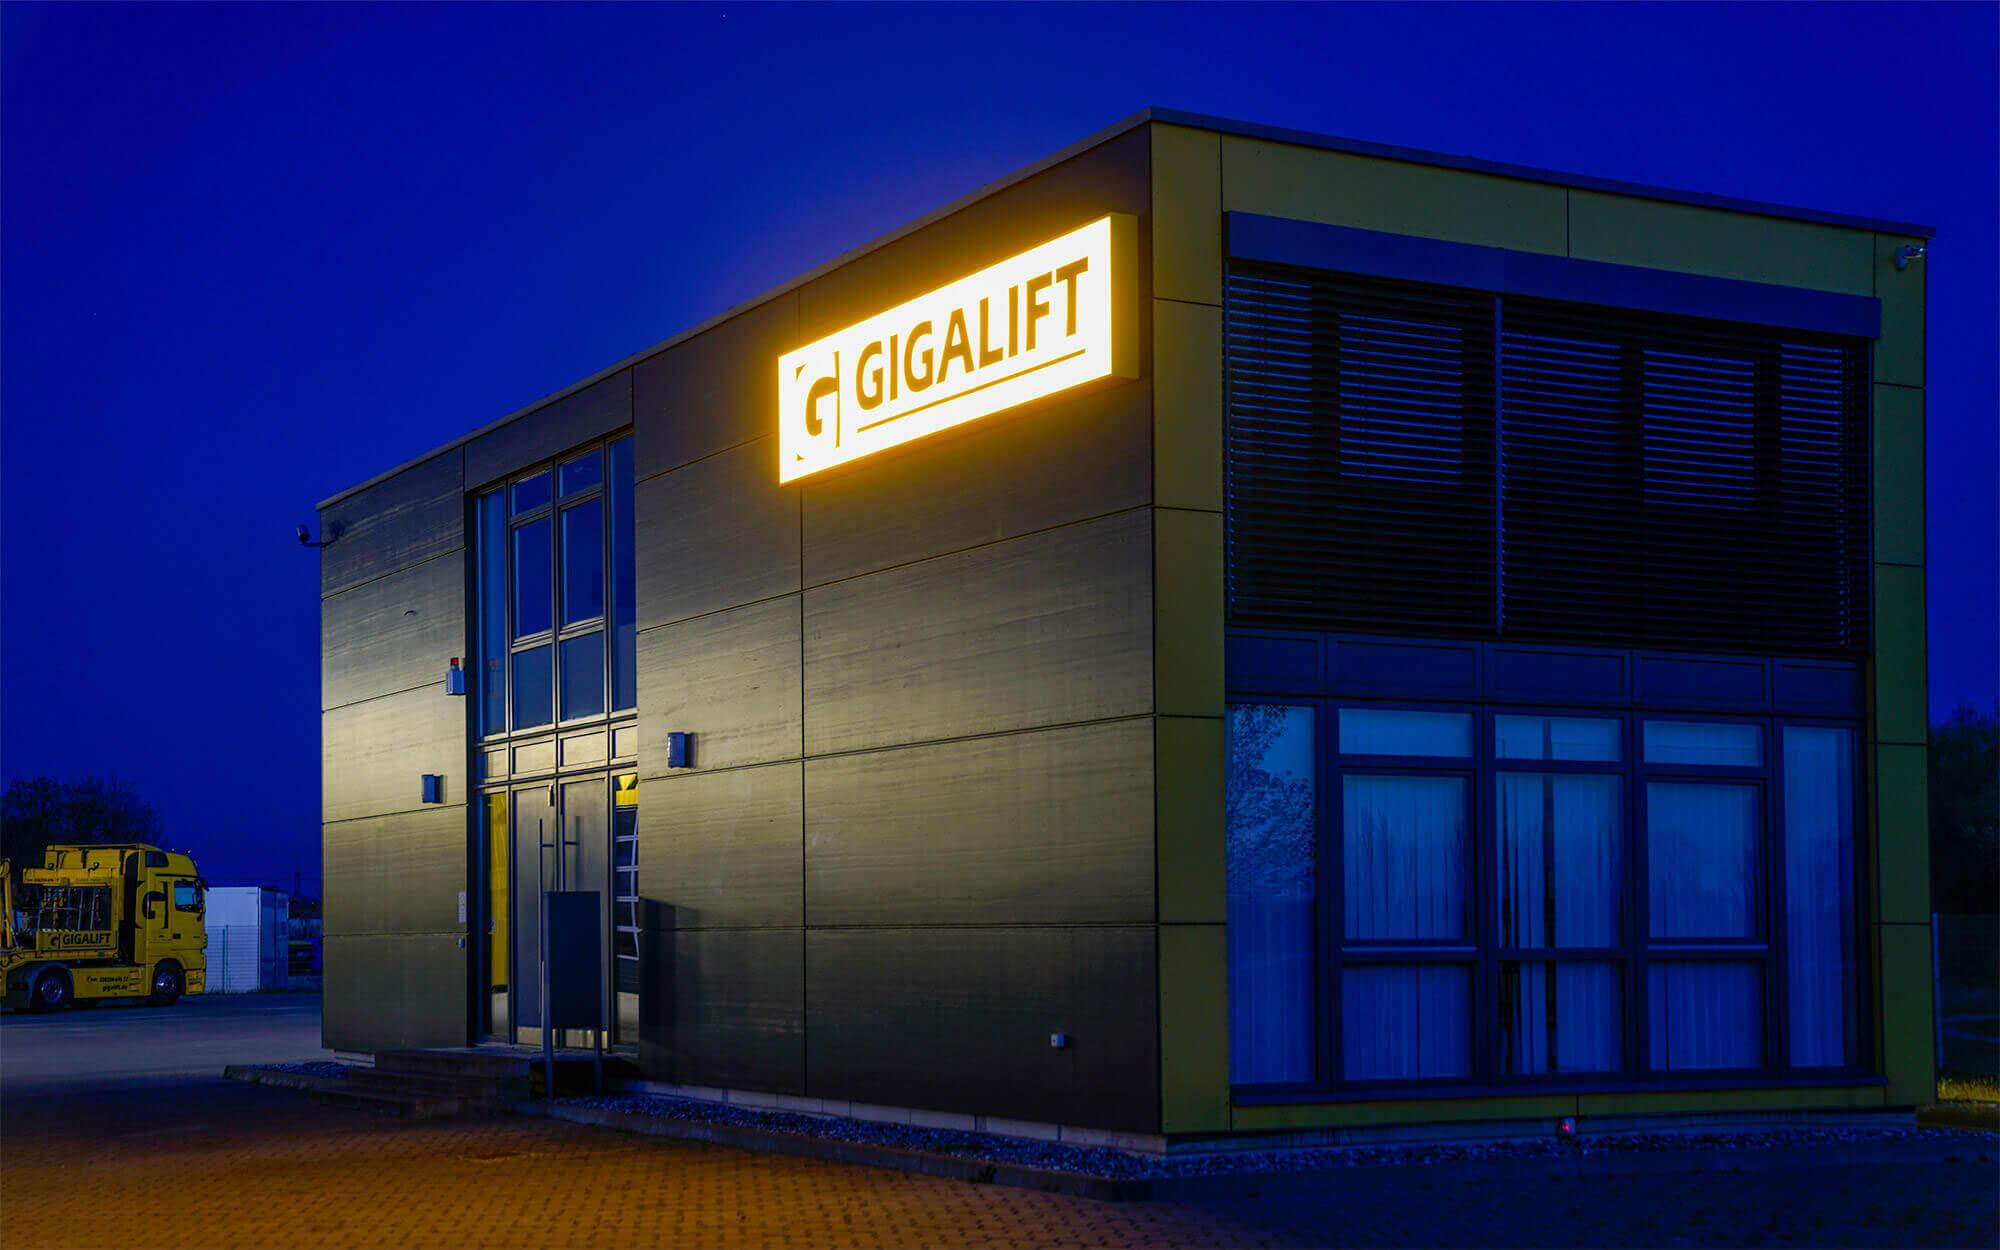 Lichtwerbung Gigalift Rostock